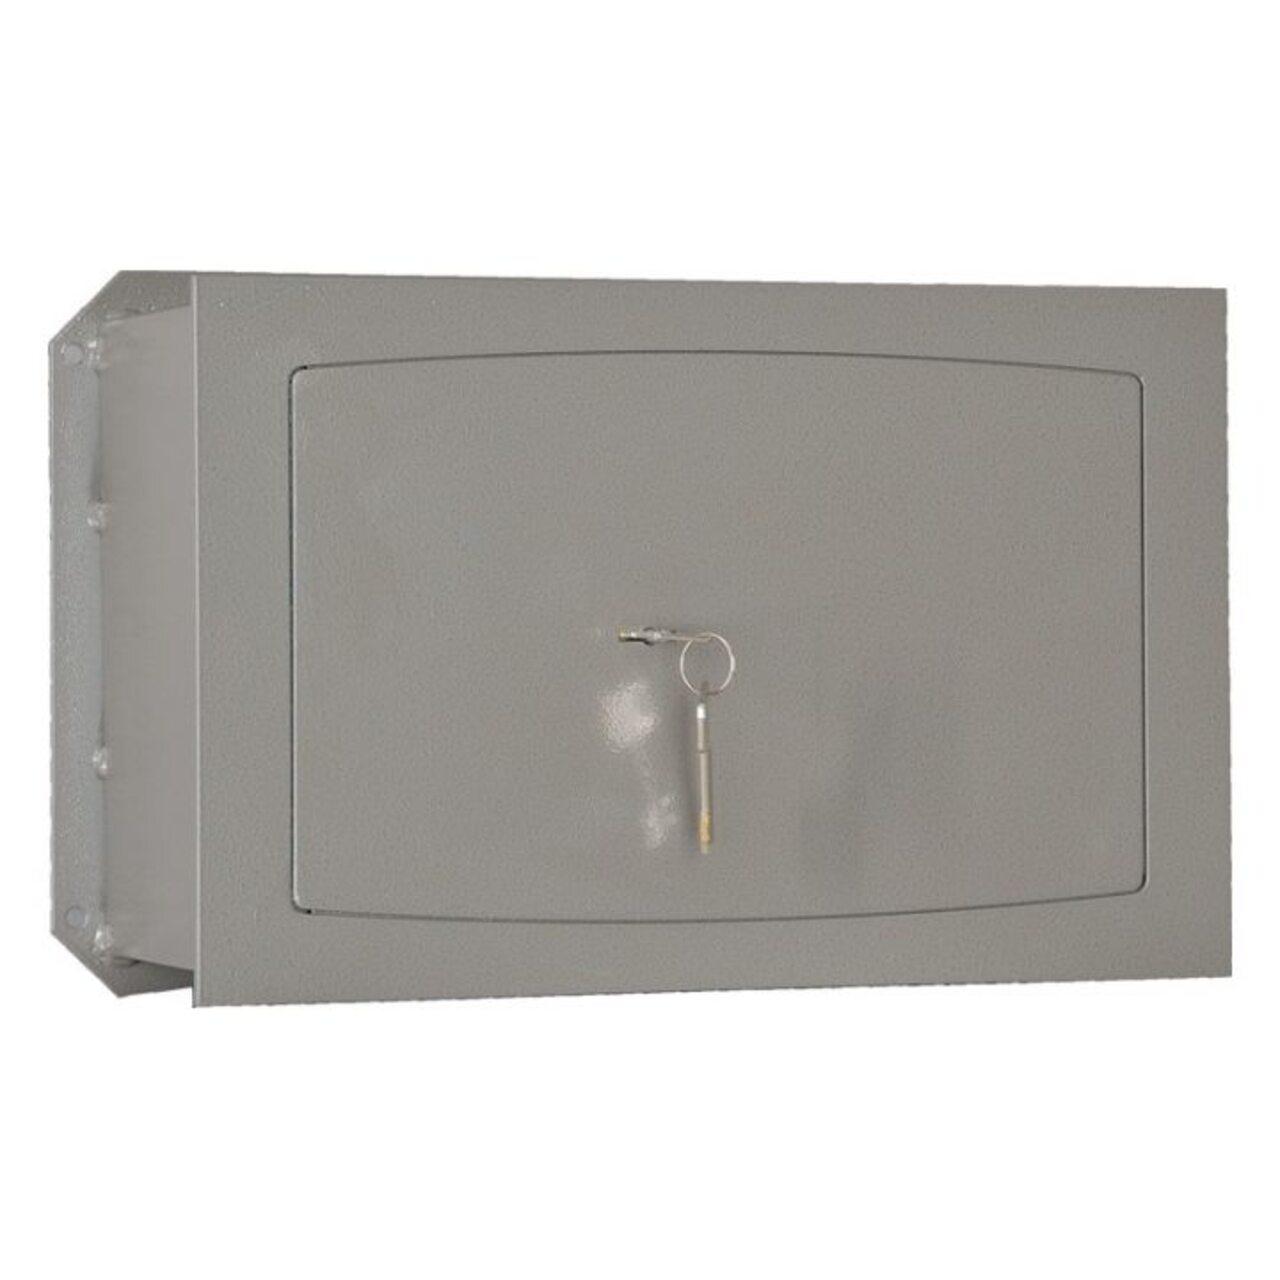 Встраиваемый стеновой шкаф ВШ-12 - фото 1